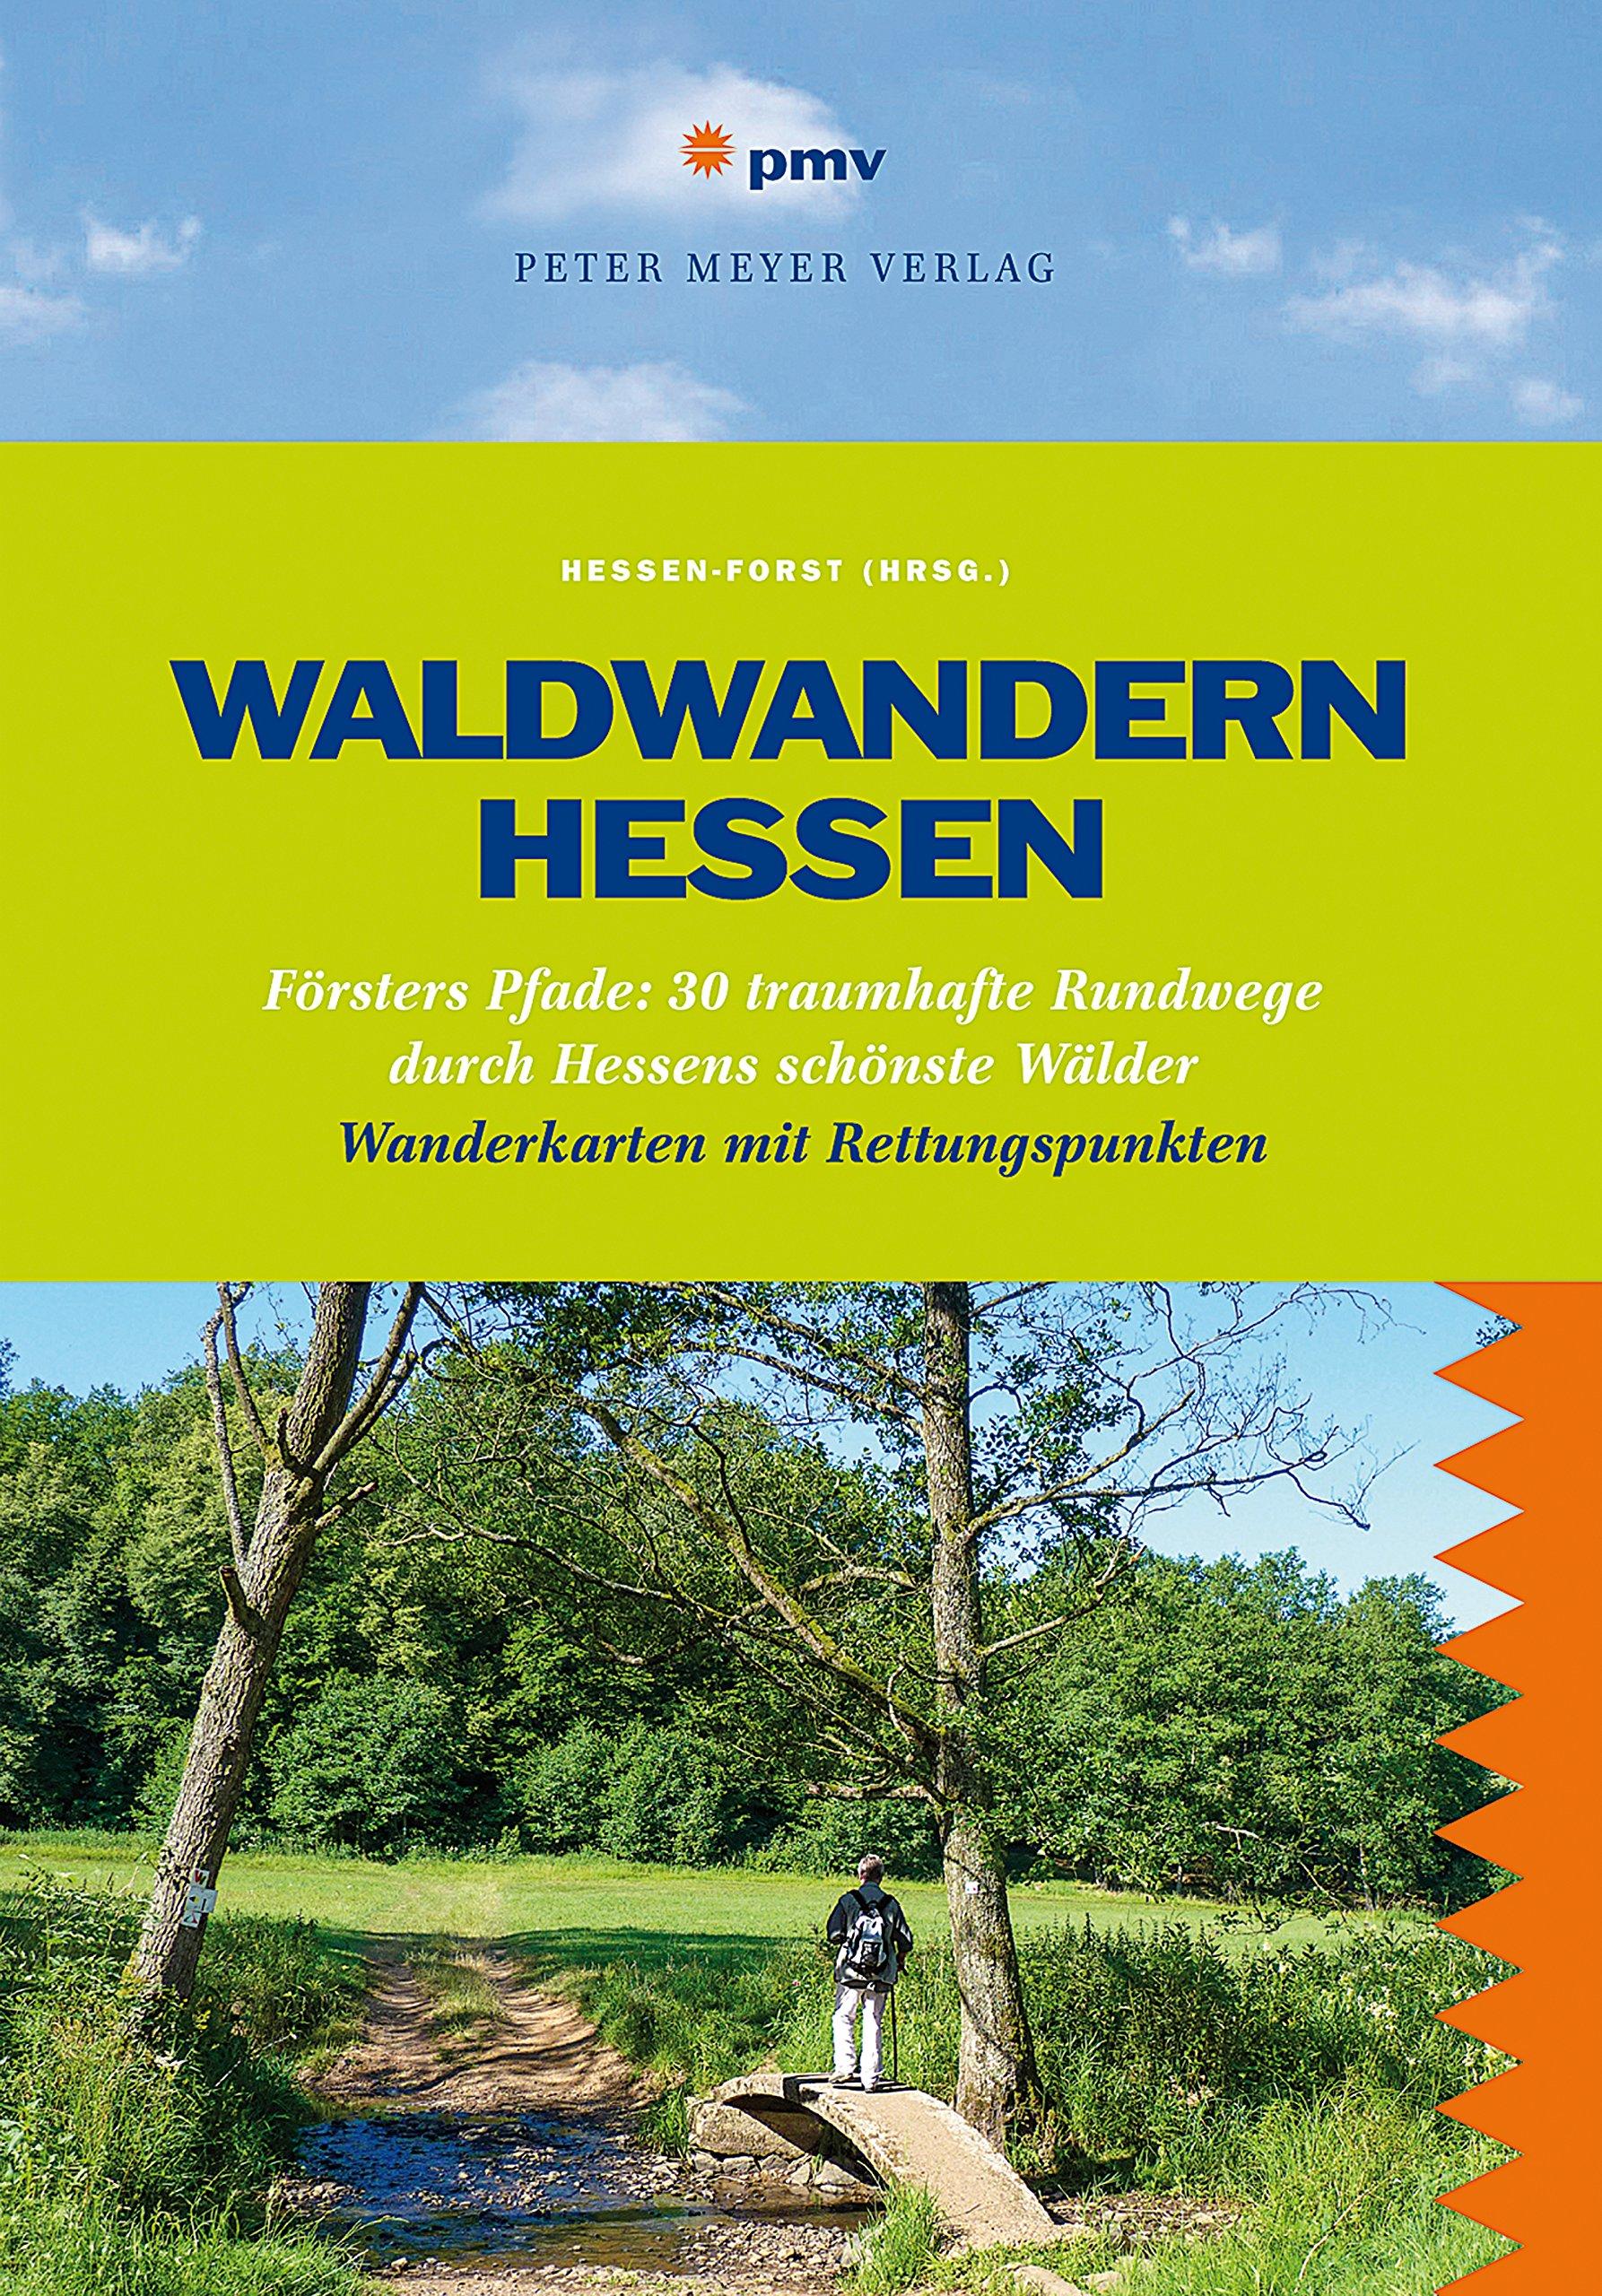 Waldwandern Hessen: Försters Pfade: 30 traumhafte Rundwege durch Hessens schönste Wälder (Wanderführer) Taschenbuch – 27. Juni 2016 Hessen Forst (Hrsg.) pmv Peter Meyer Verlag 3898593304 Blume / Wildblume